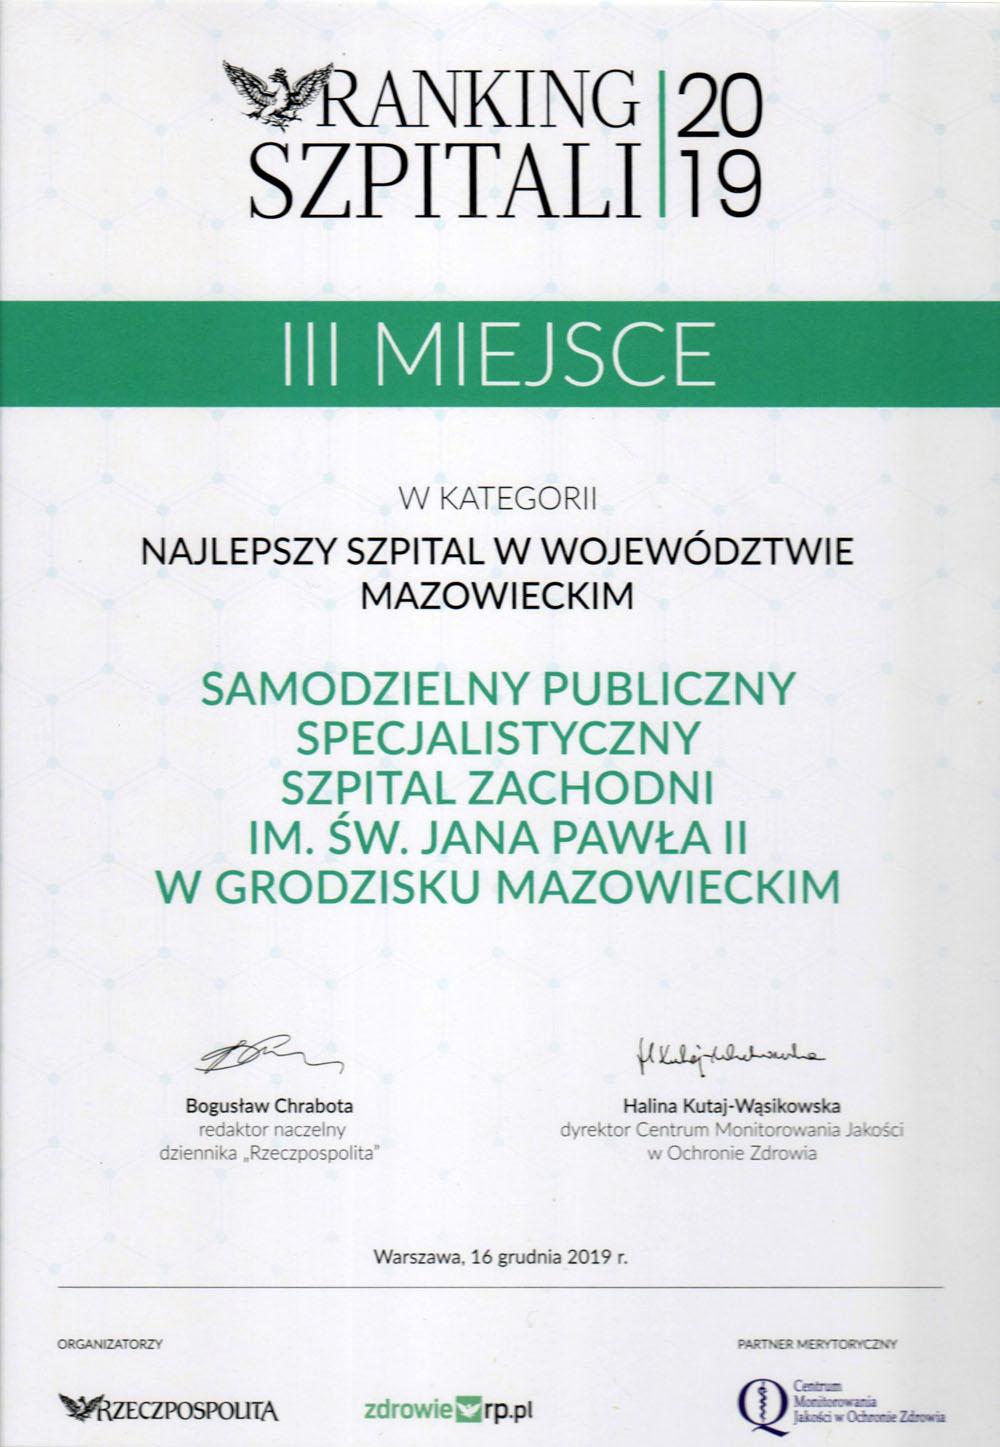 Ranking Szpitali 2019 - III miejsce w kategorii najlepszy szpital w województwie mazowieckim – miniatura certyfikatu - powiększ zdjęcie